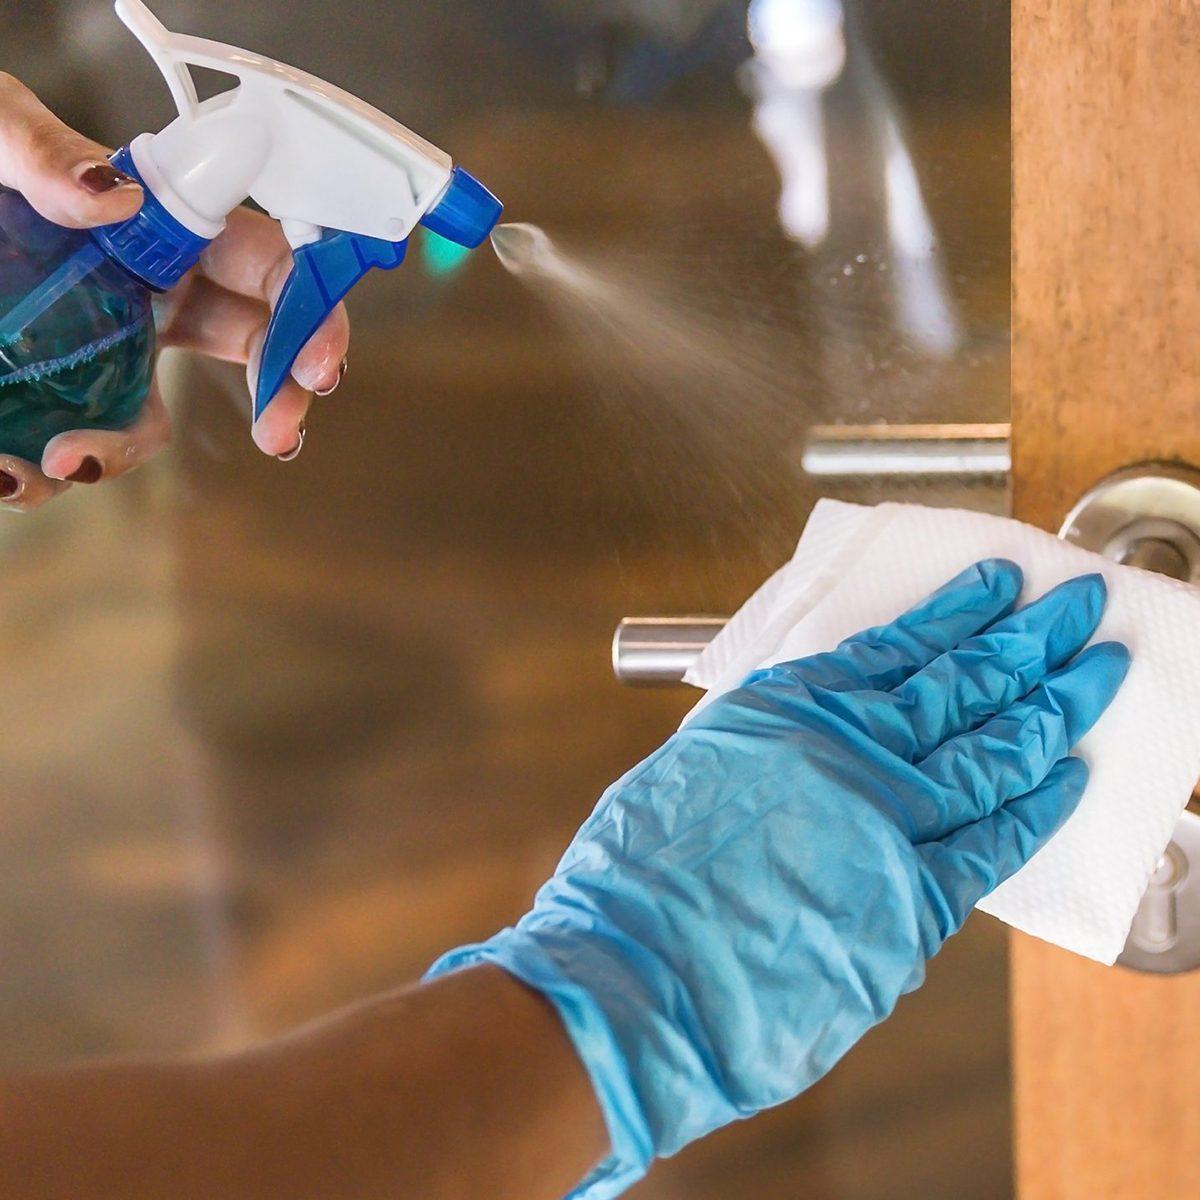 Disinfecting door handle